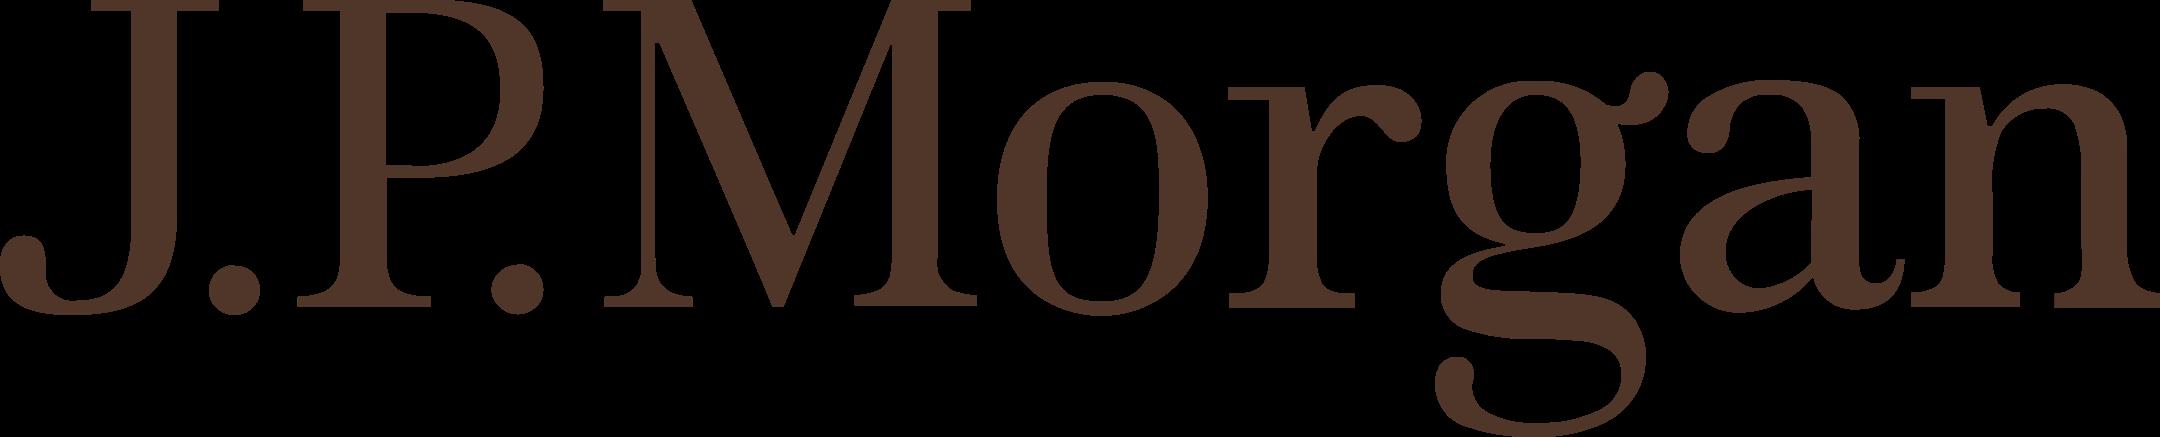 jp morgan logo 1 - J.P. Morgan Logo